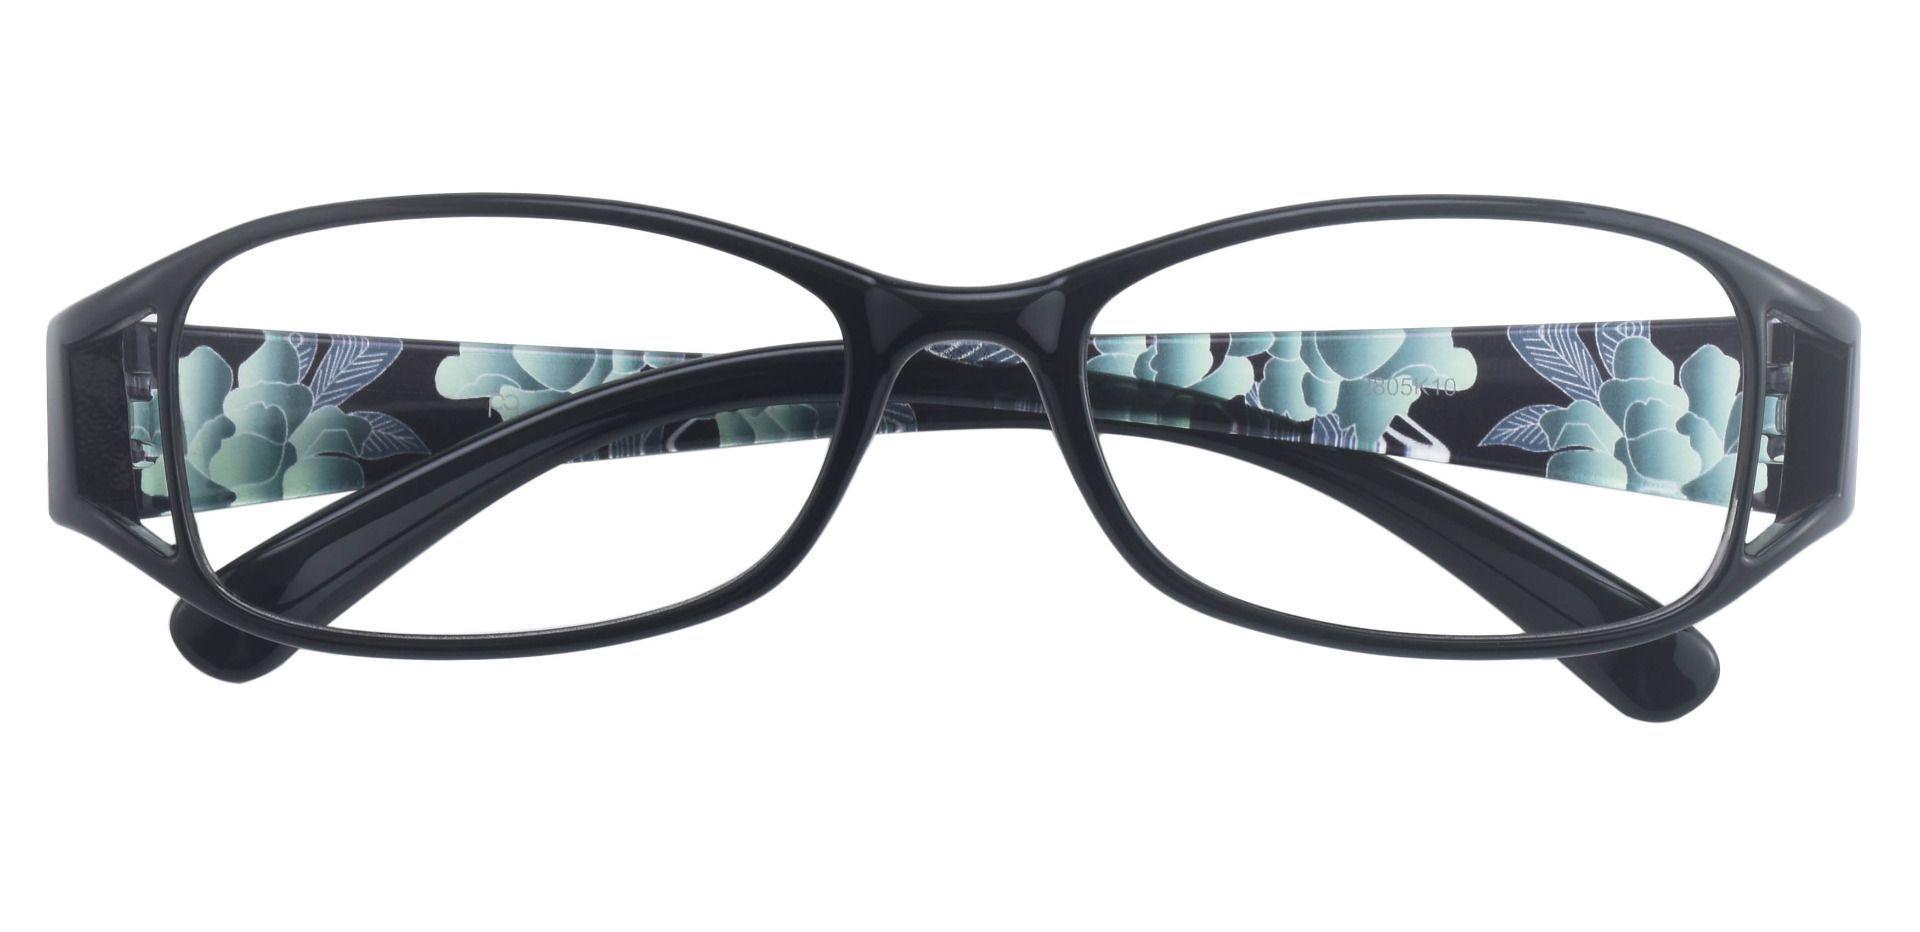 Libra Rectangle Prescription Glasses - Black